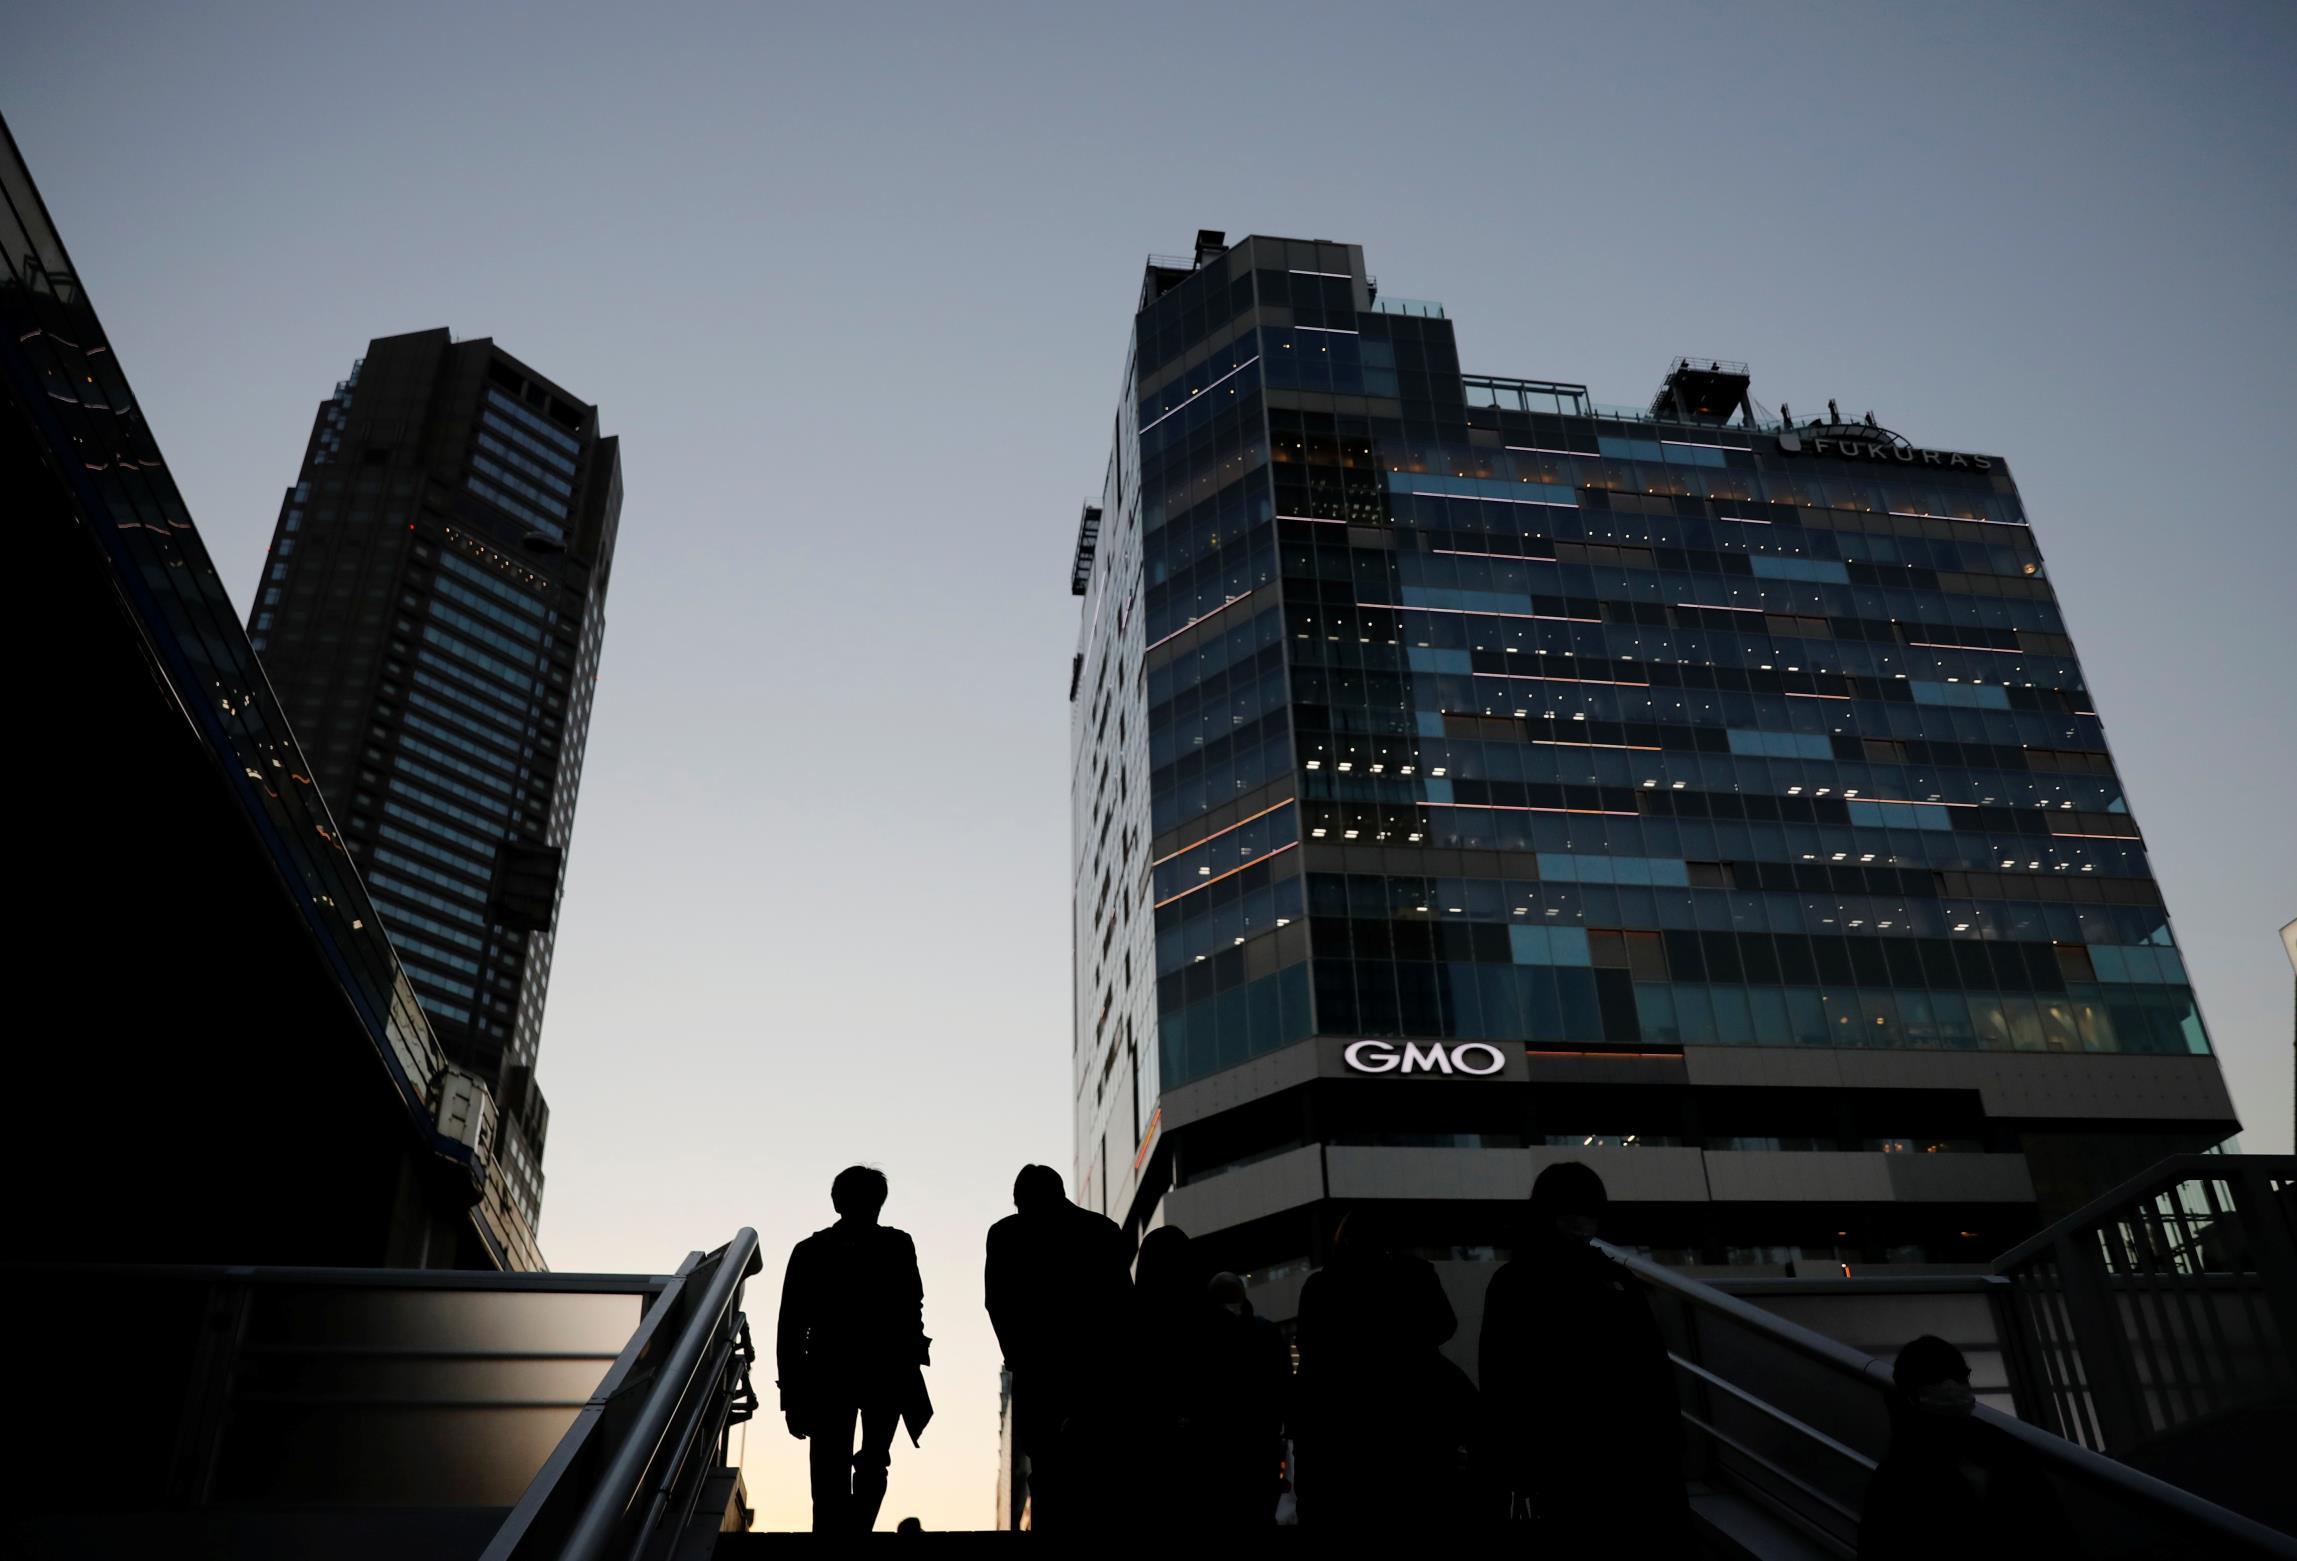 日本将考虑对国内公司的外国所有者实施更严格的规定——读卖新闻